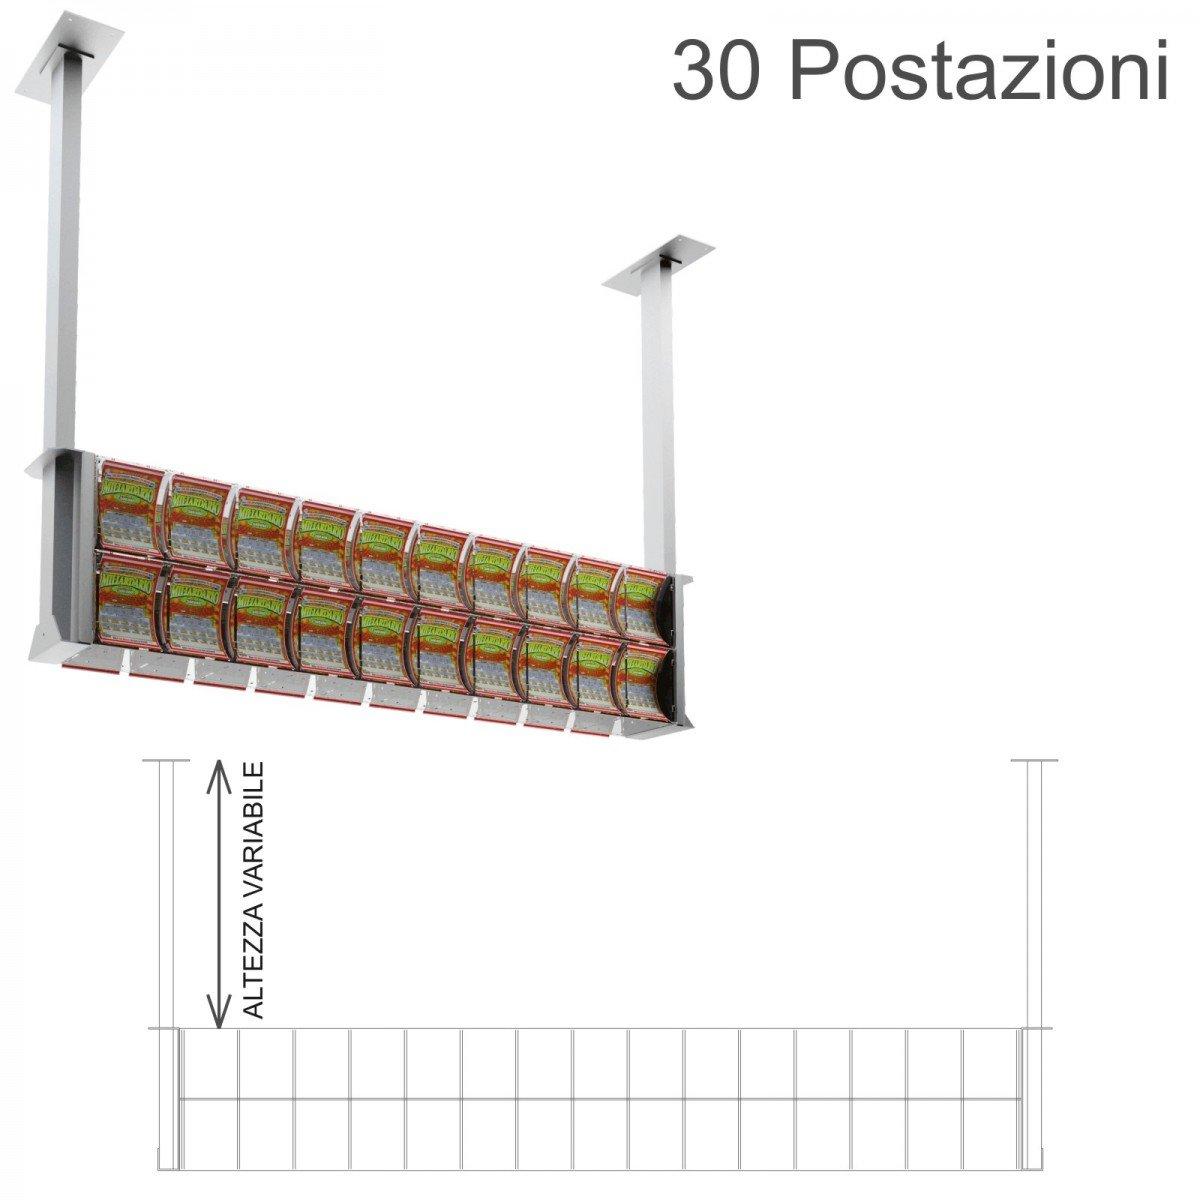 Espositore gratta e vinci da soffitto in plexiglass trasparente a 30 contenitori munito di sportellino frontale lato rivenditore